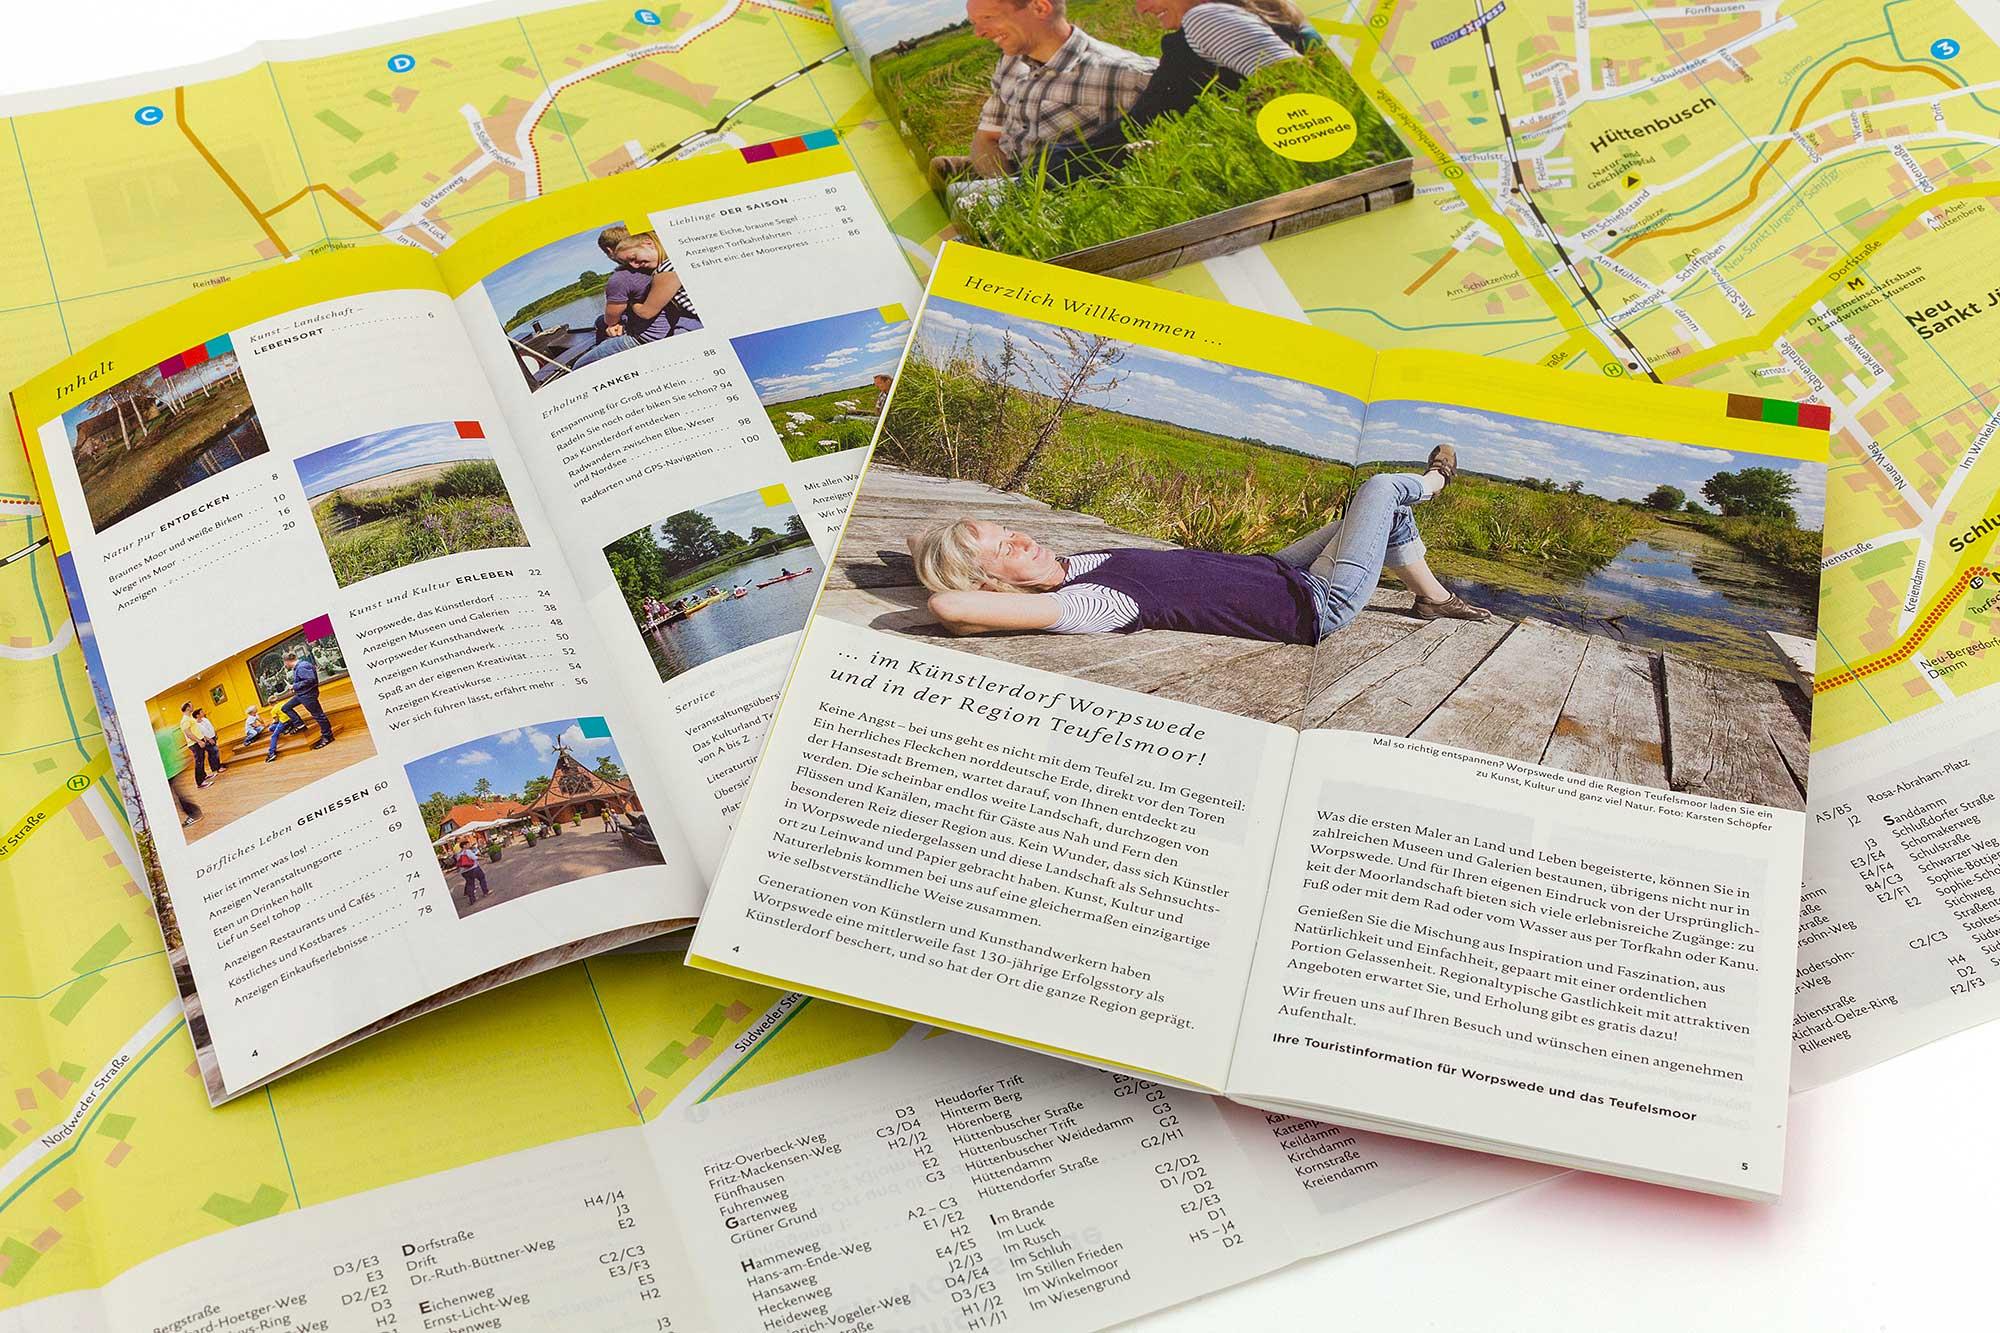 Broschüren und Ortsplan